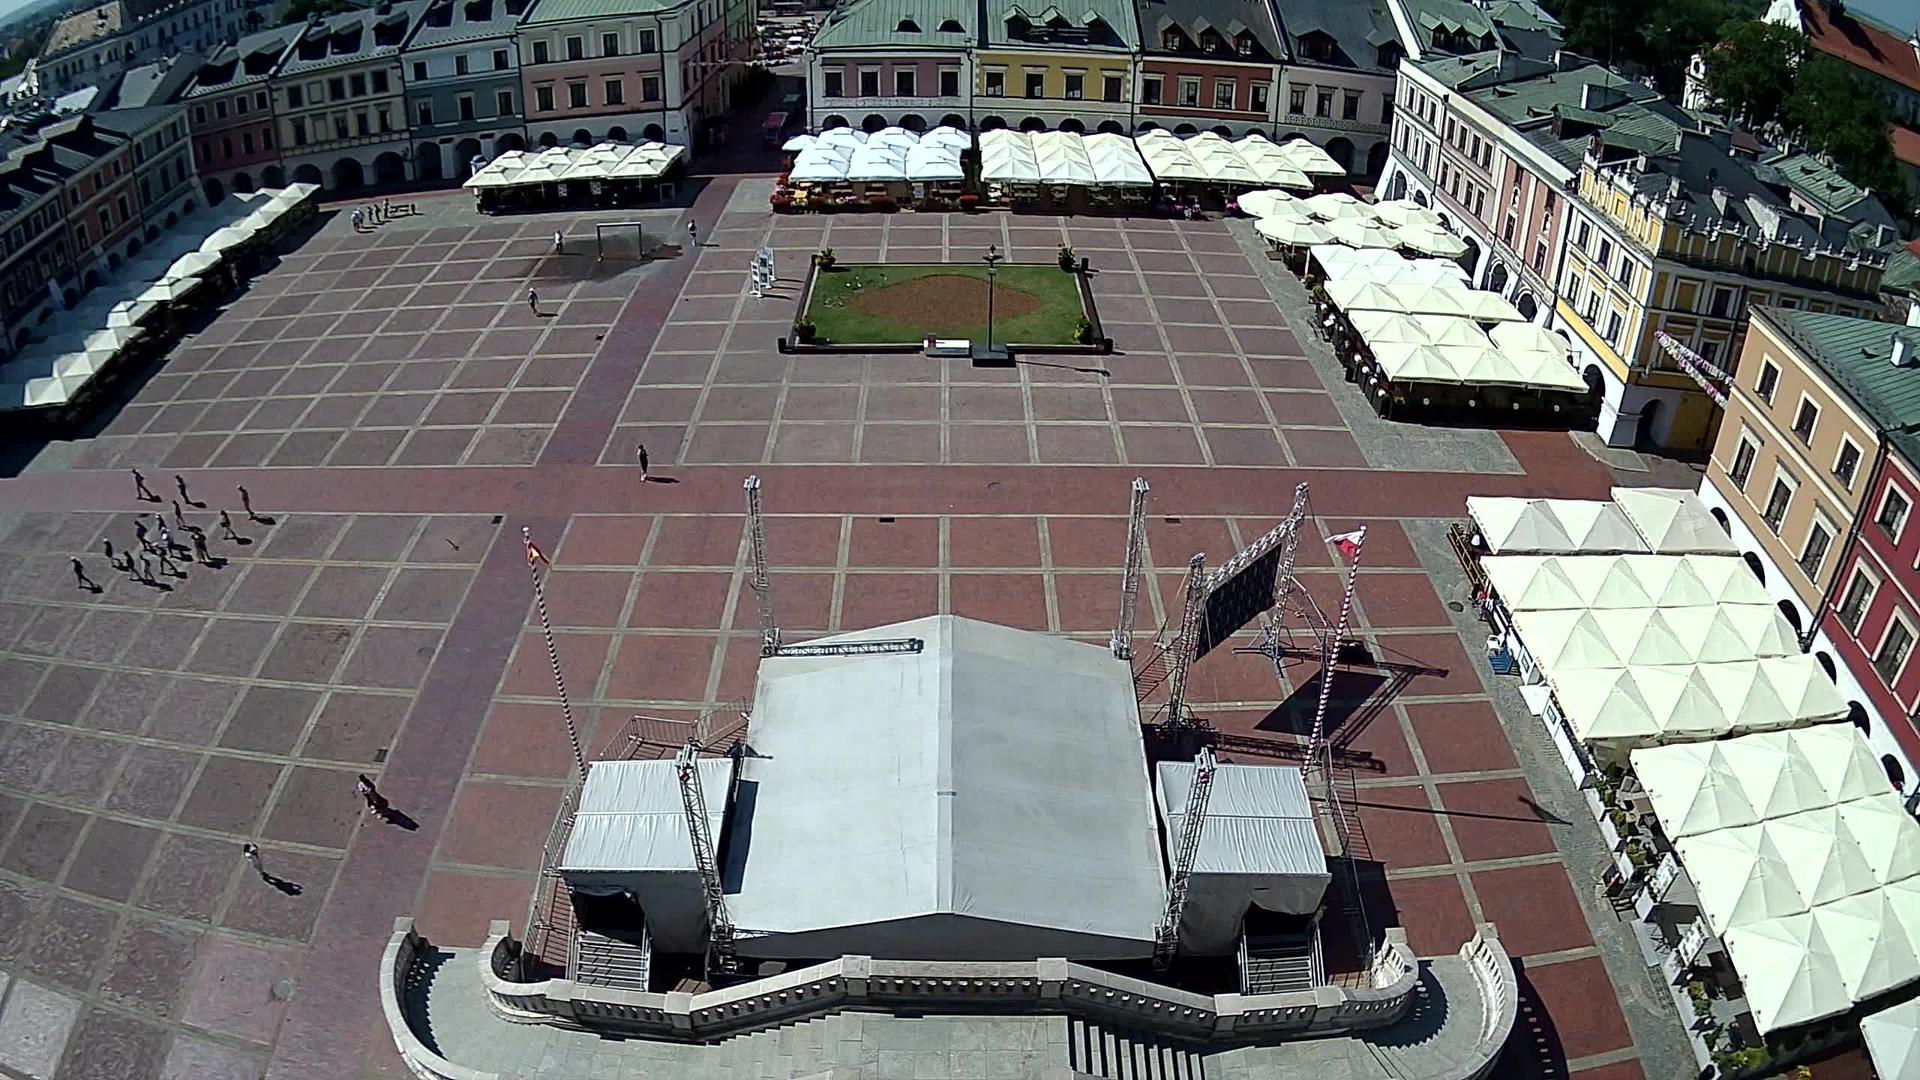 Webkamera Zamość: Market square, Zamosc